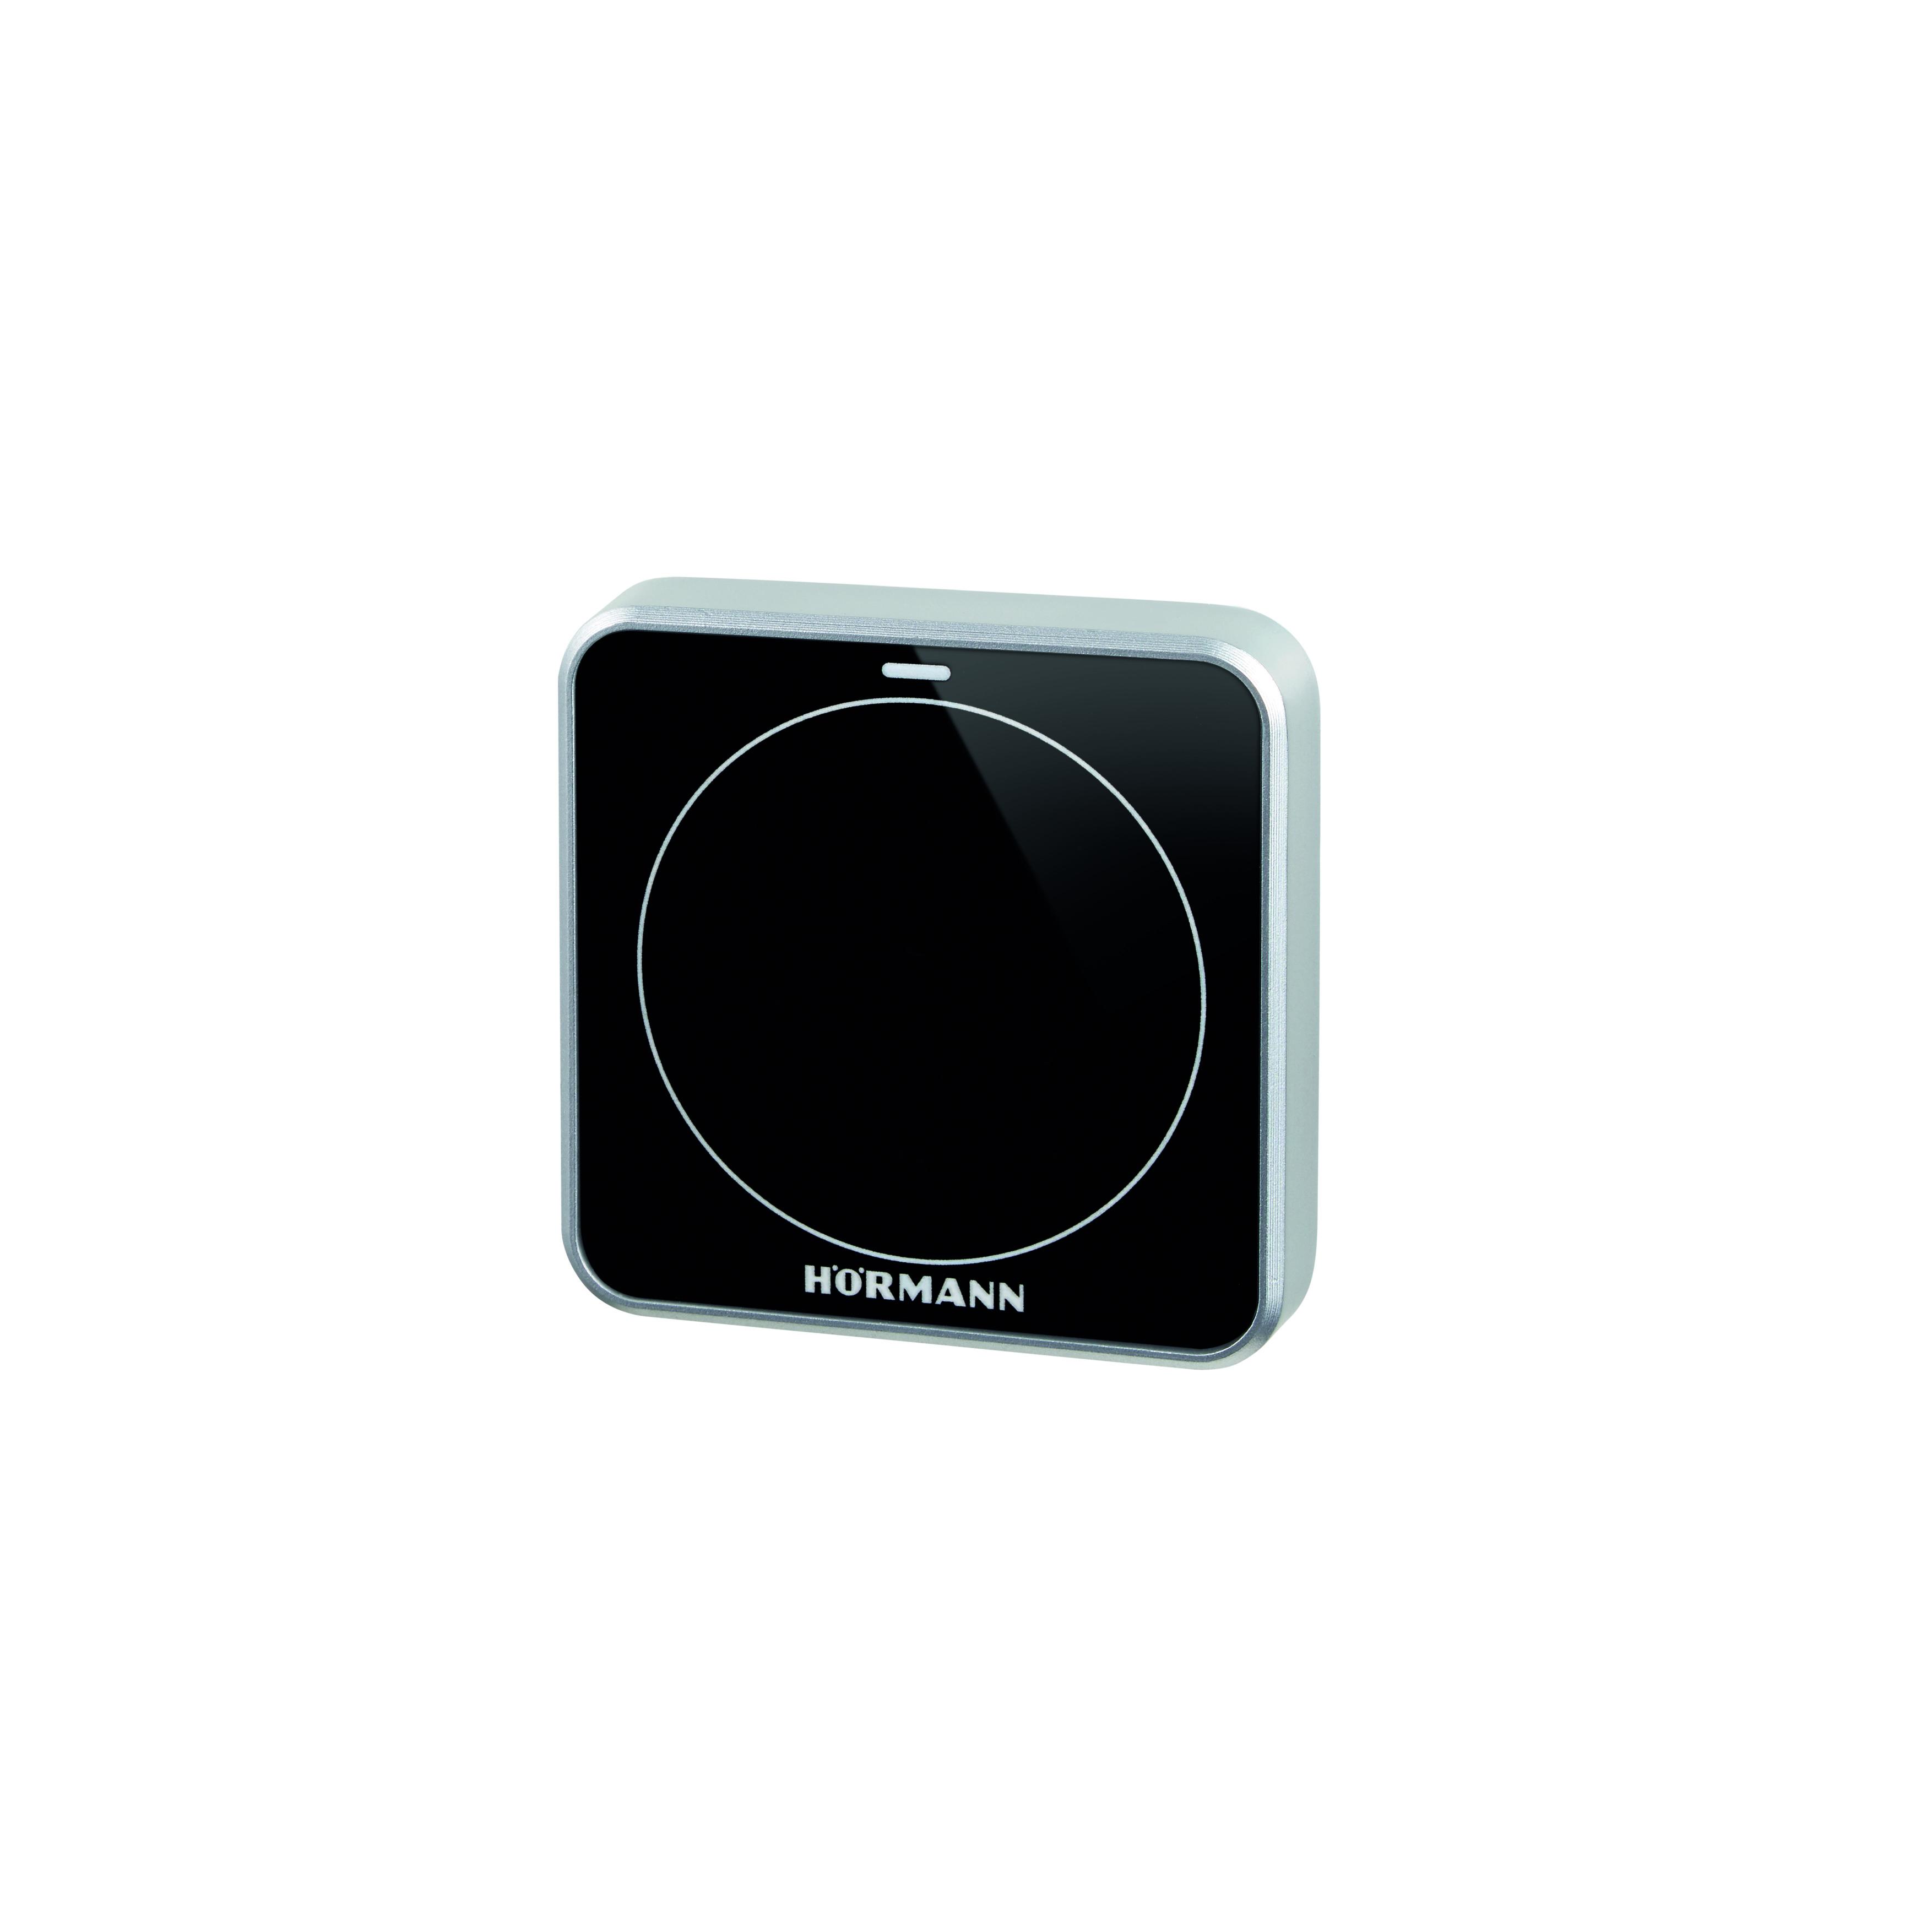 Hörmann Transpondertaster TTR 1000, schwarz